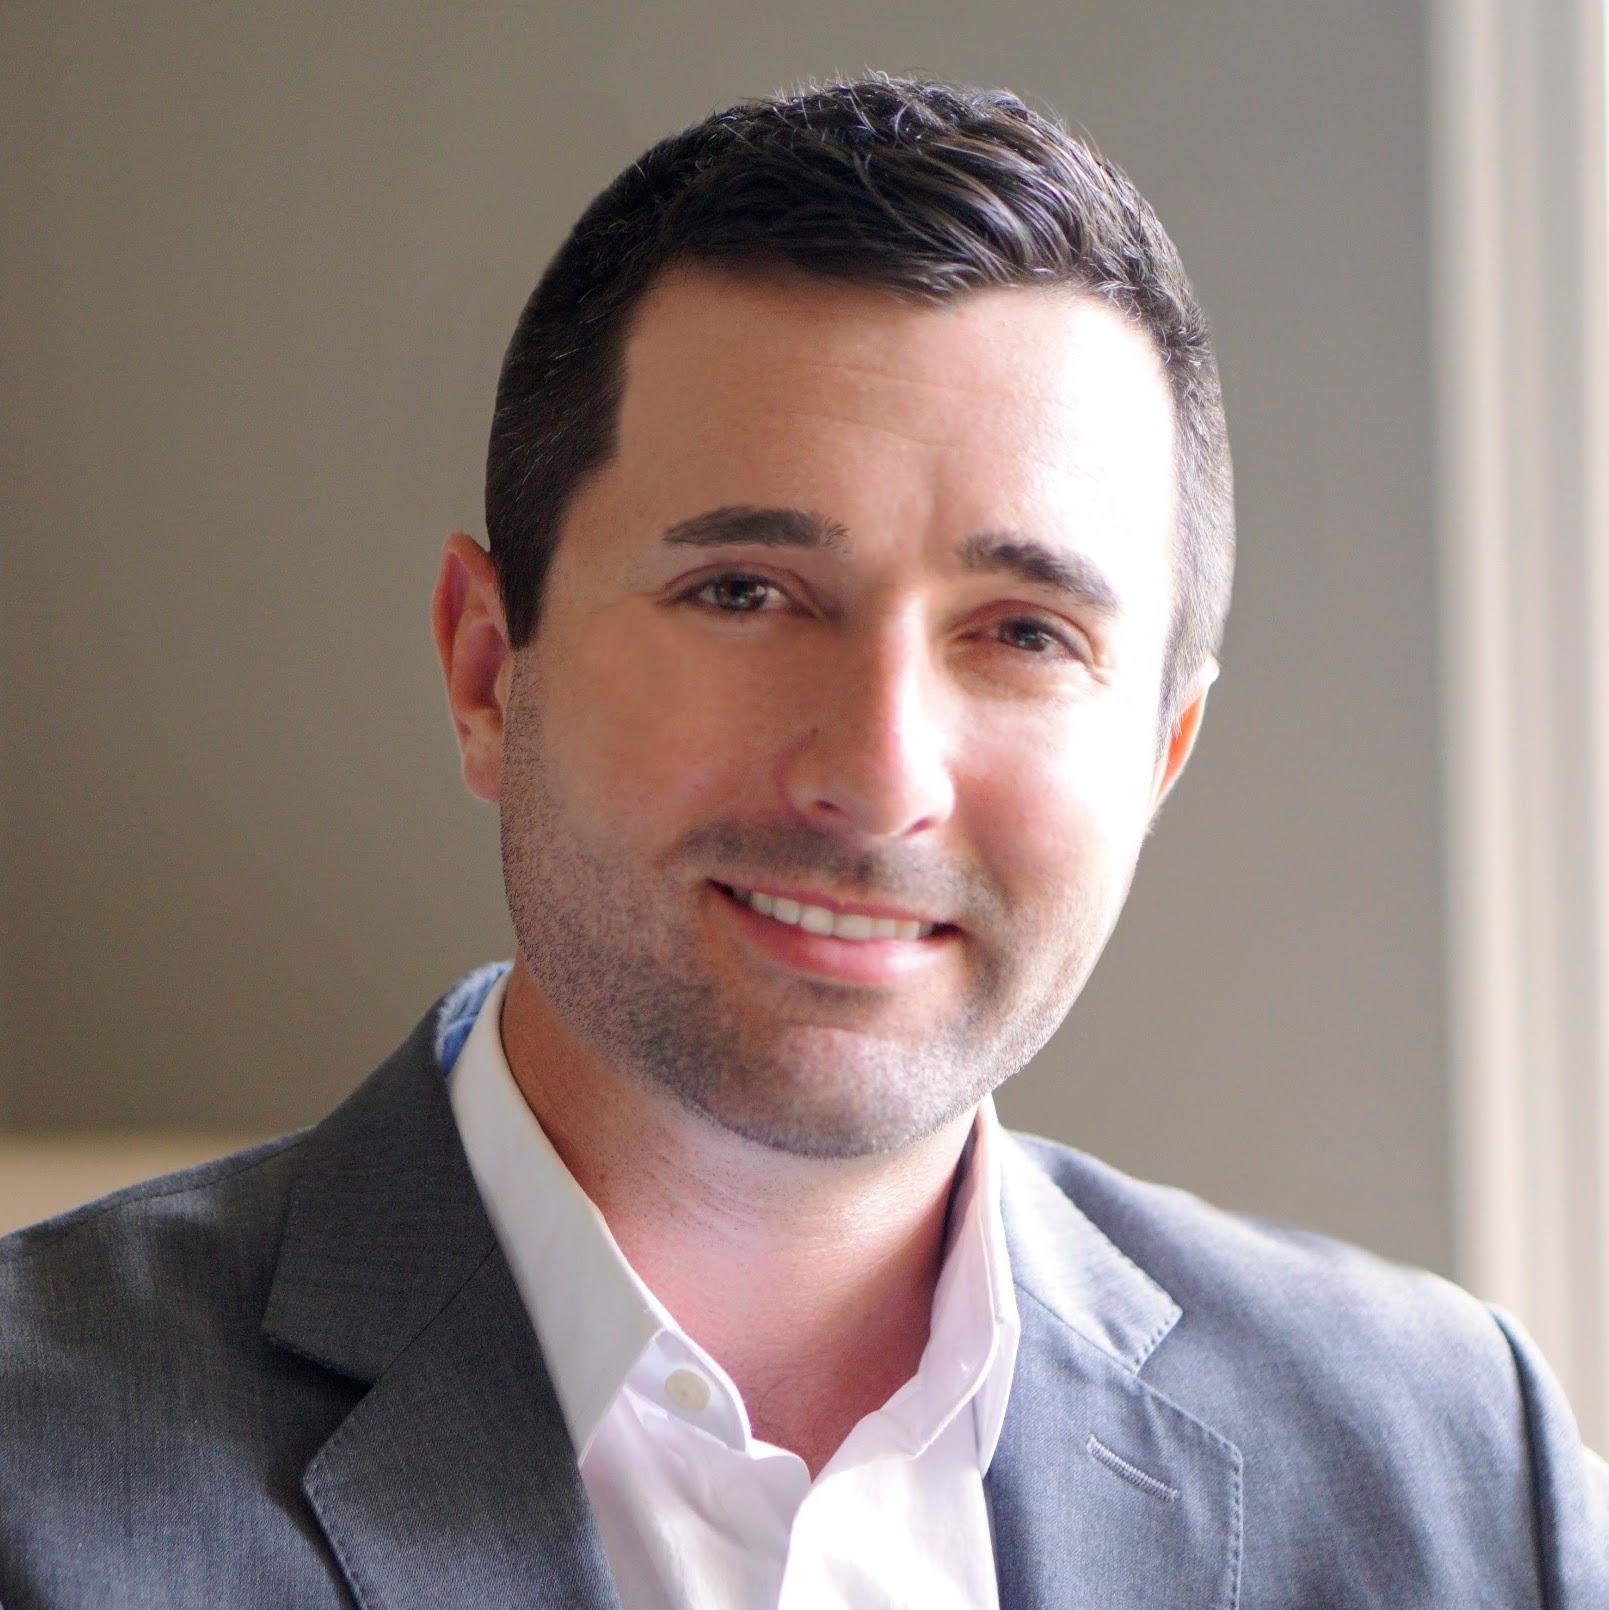 Taylor Pankratz, financial advisor Kingwood TX